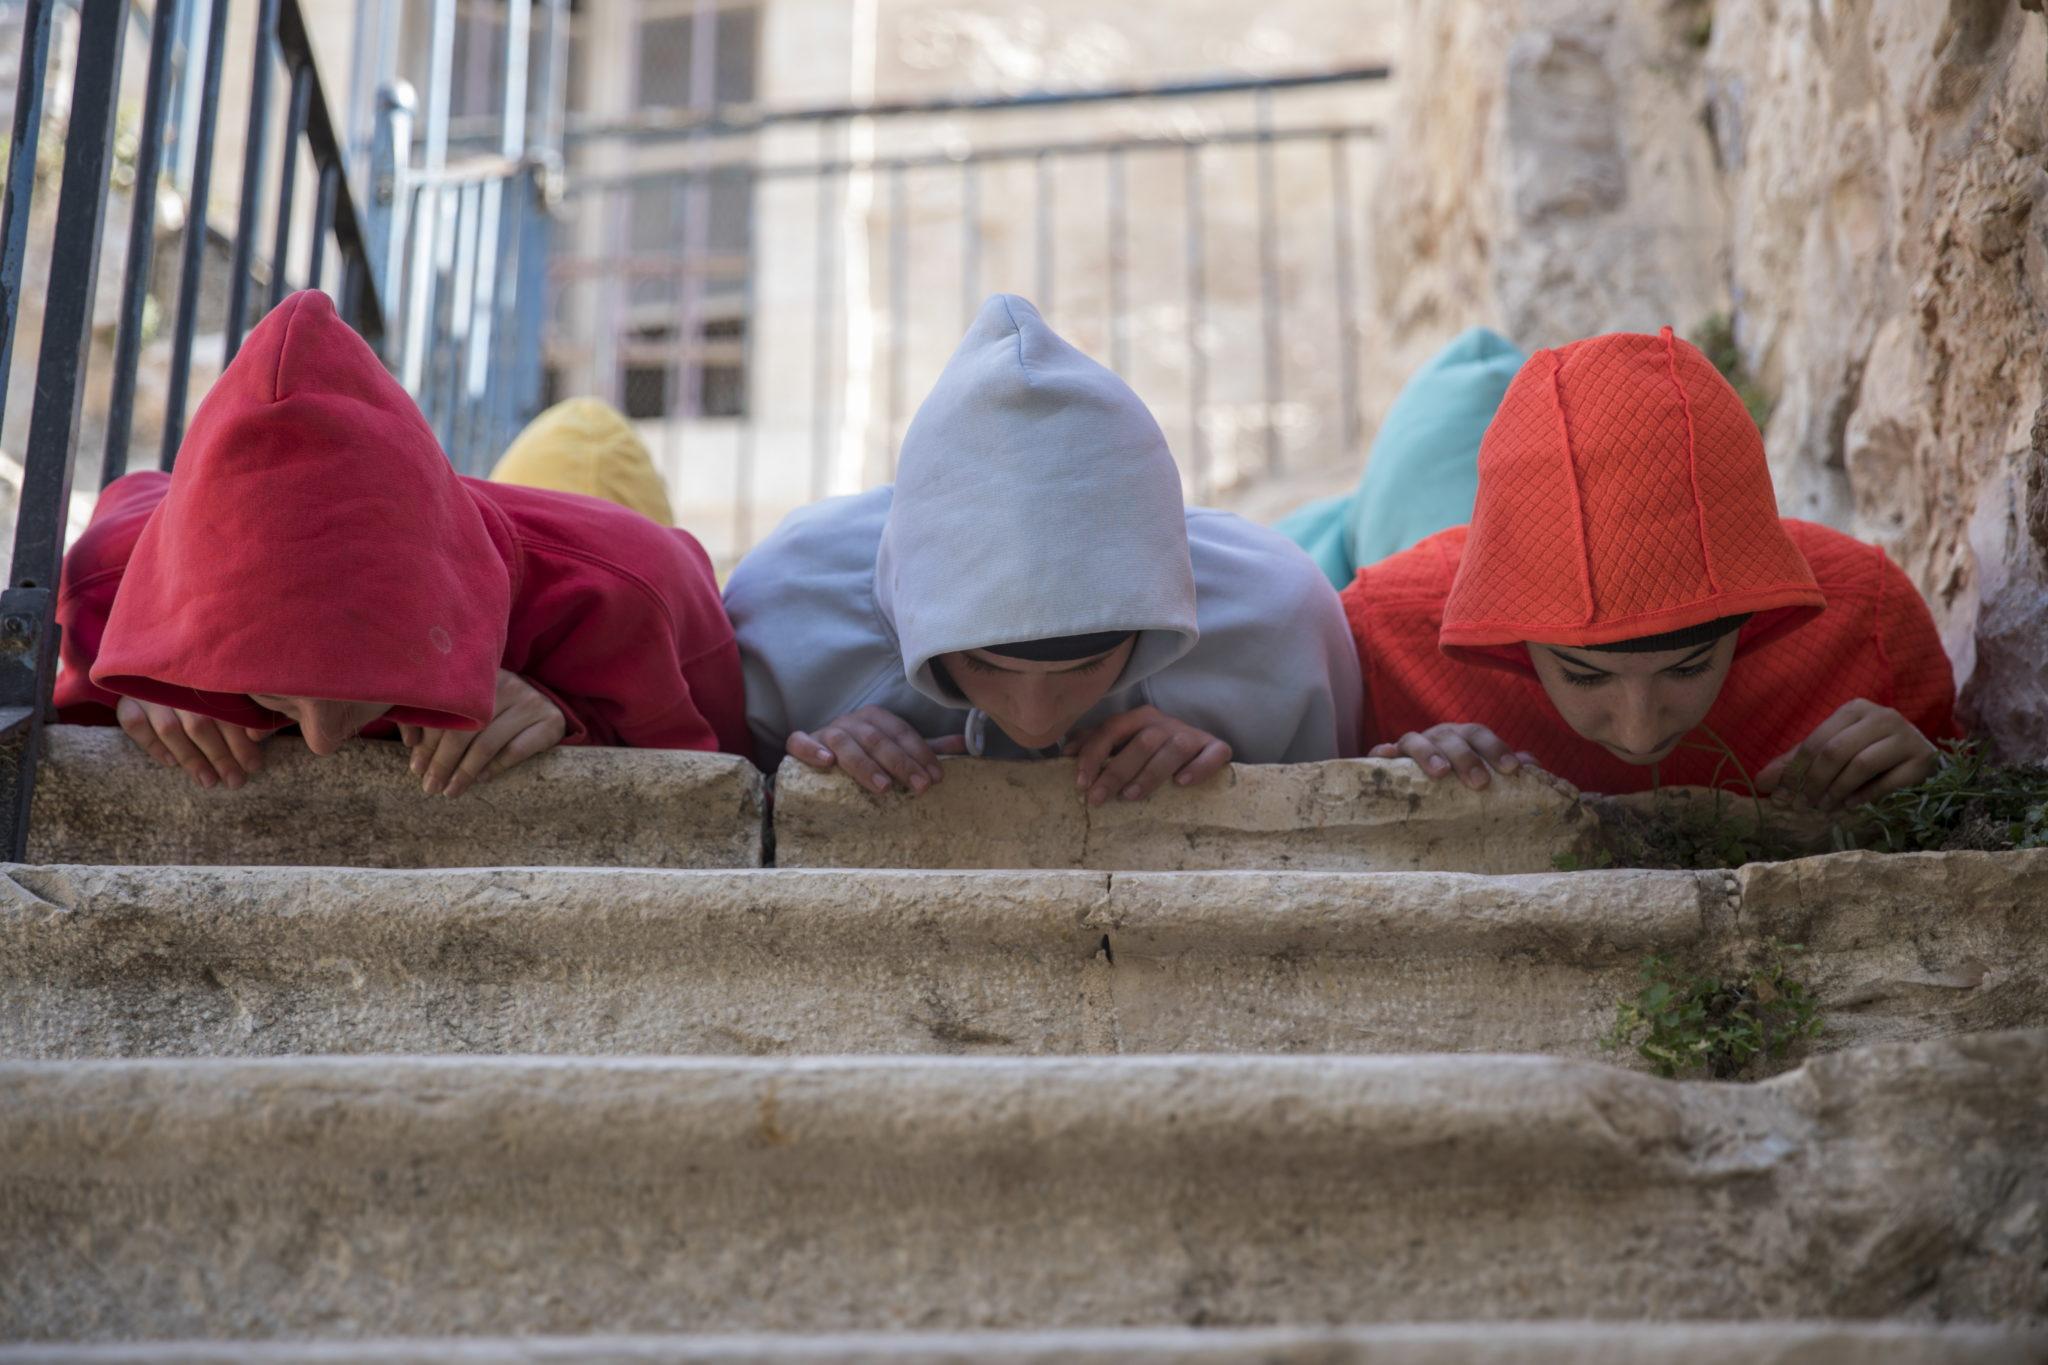 Izrael: tancerze izraelscy występują w projekcie